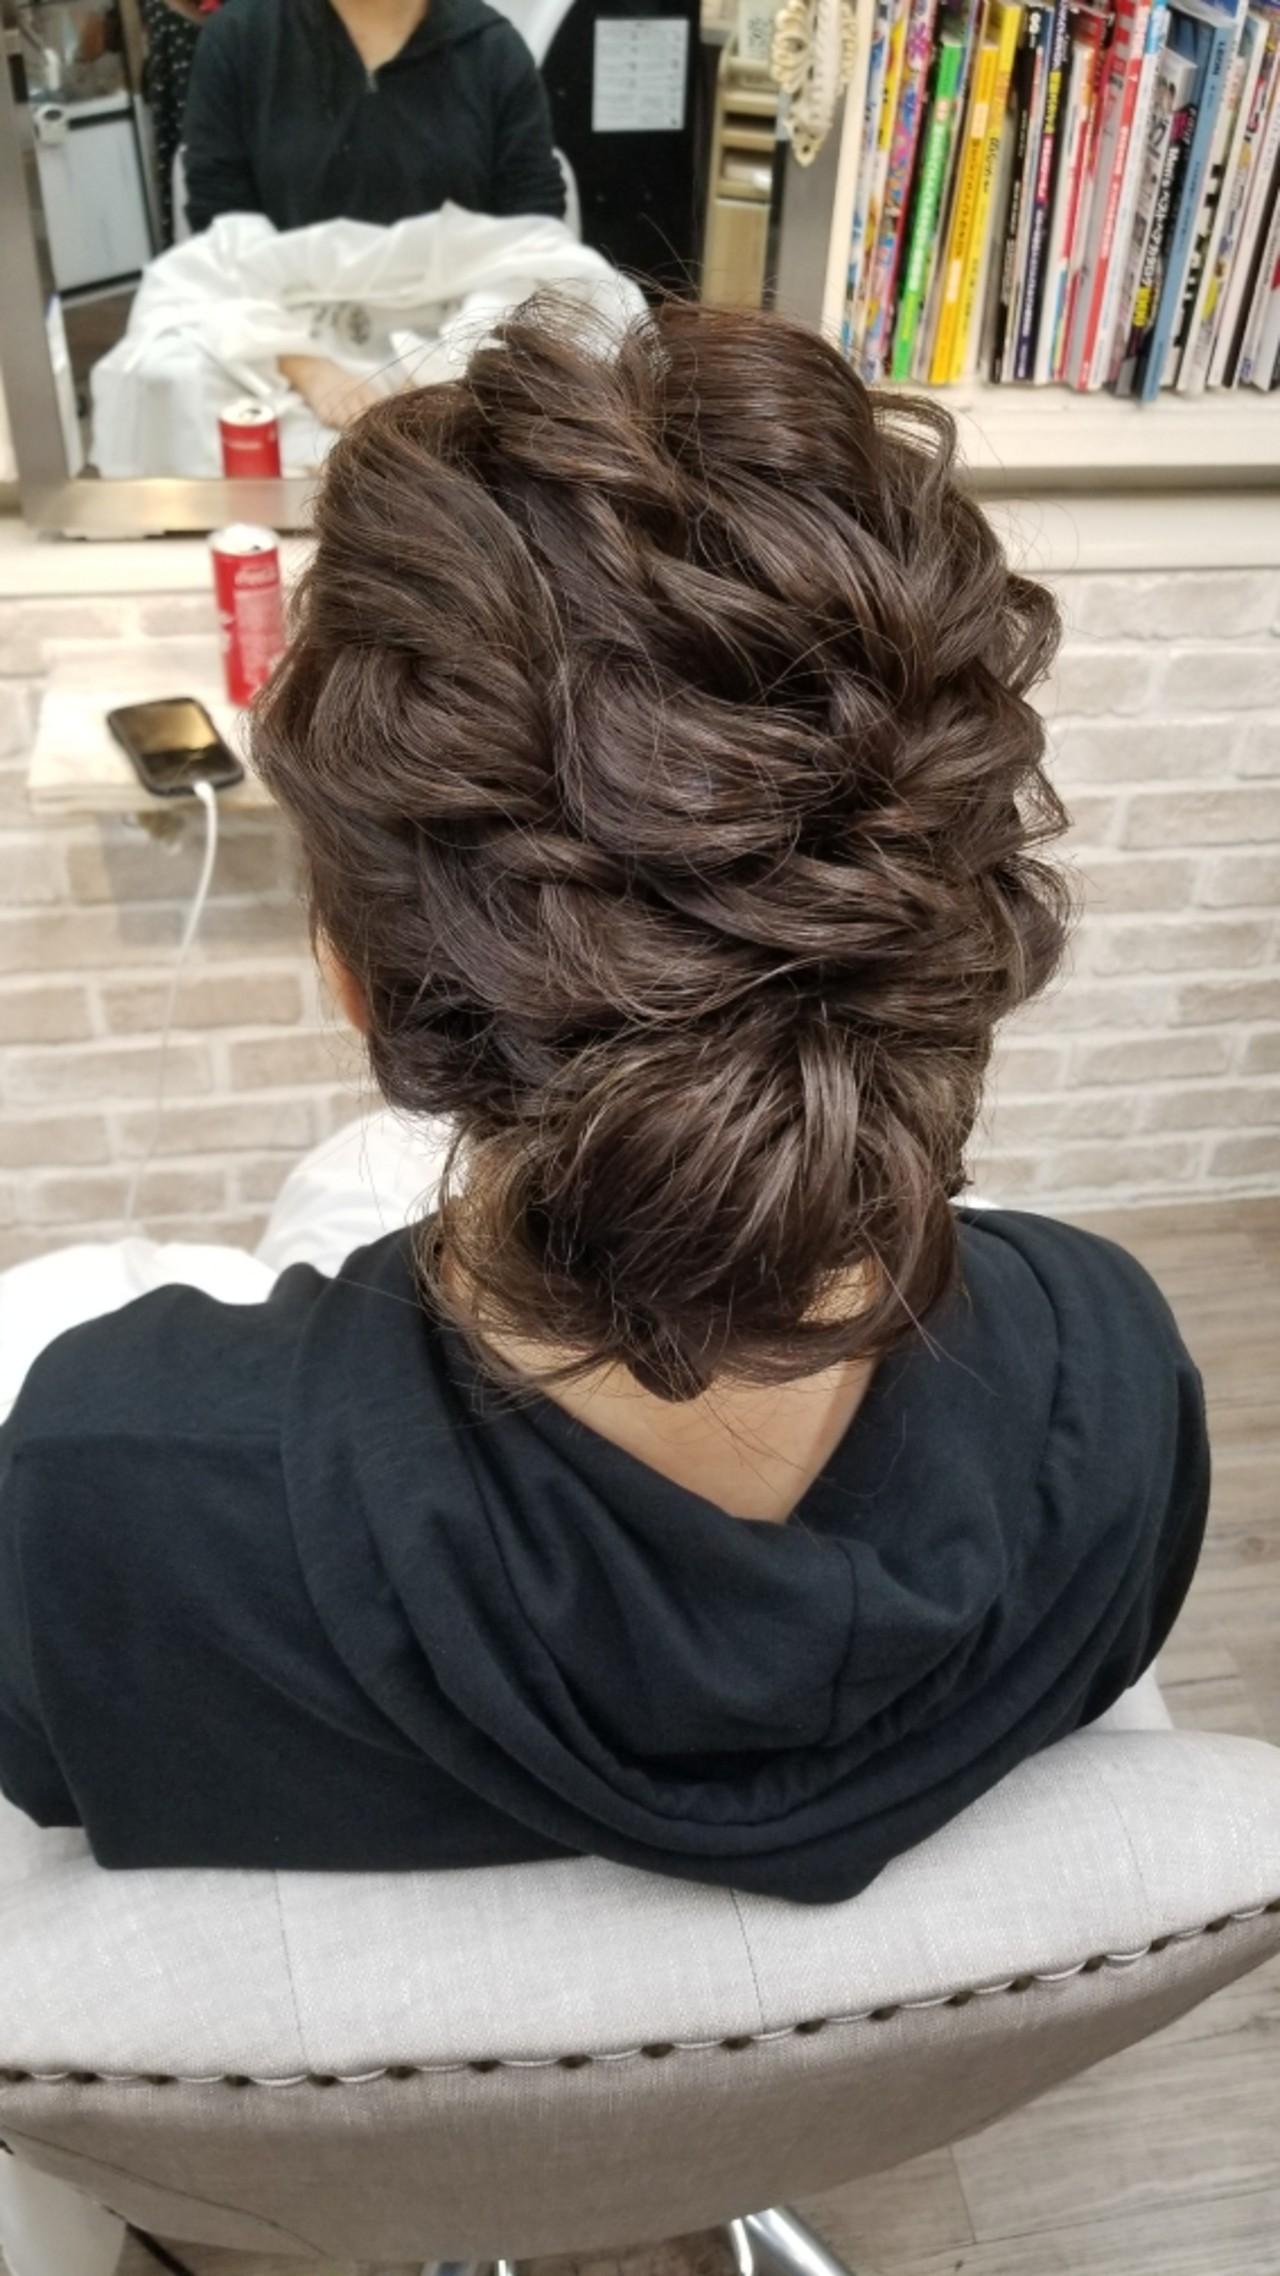 パーティ 結婚式 涼しげ セミロング ヘアスタイルや髪型の写真・画像 | Naoko Miura / avant